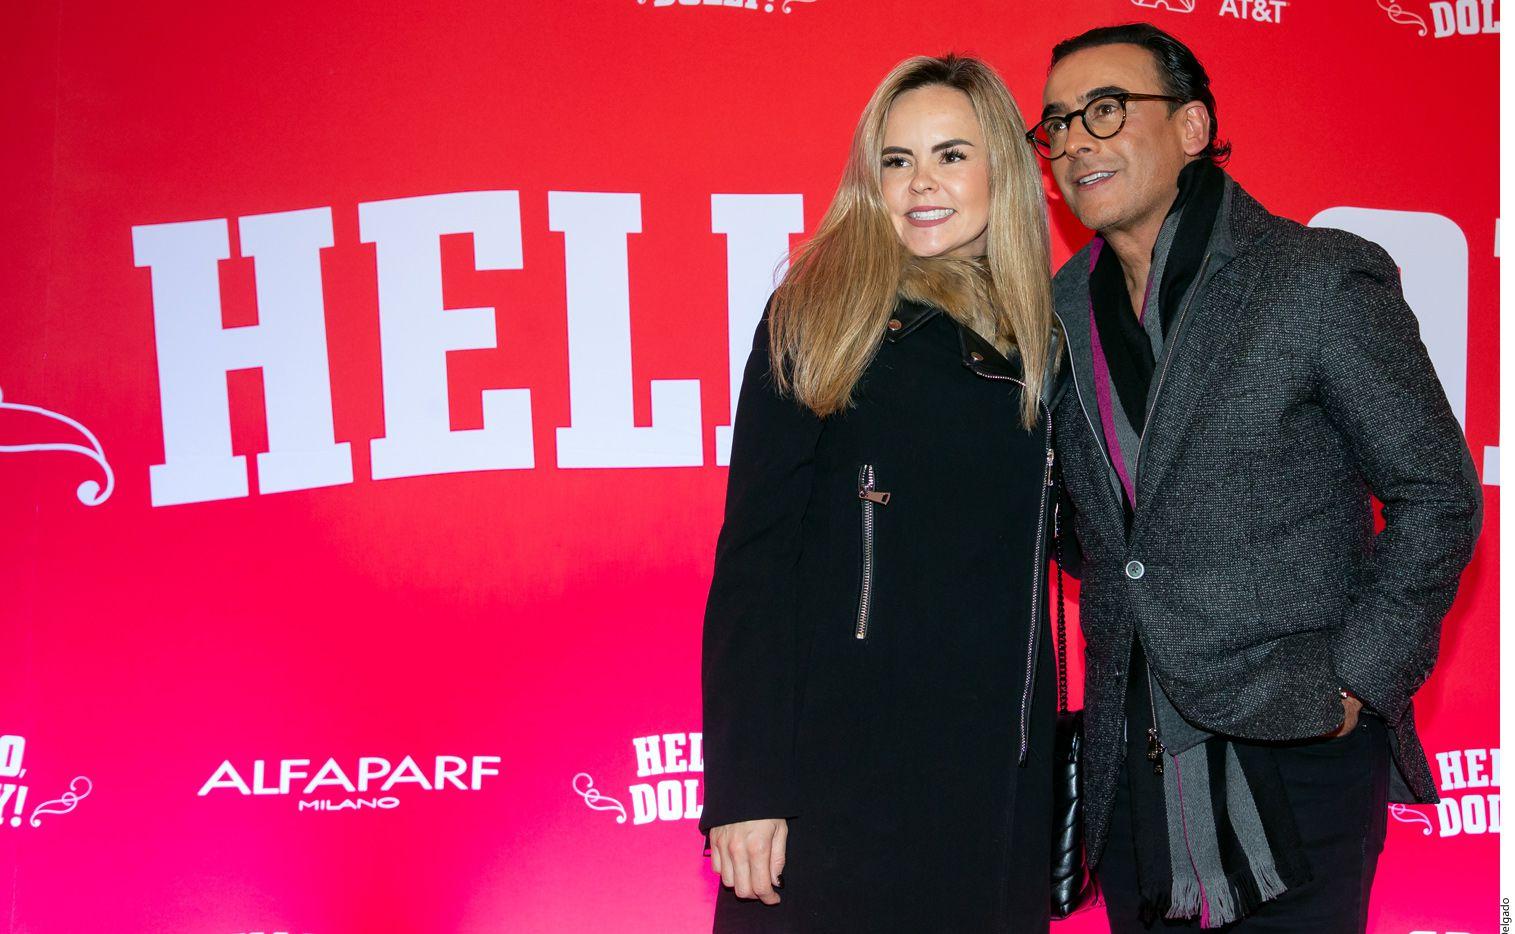 """Karla de la Mora (izq.) y el conductor Adal Ramones (der.) acudieron al estreno de """"Hello Dolly!""""./ AGENCIA REFORMA"""